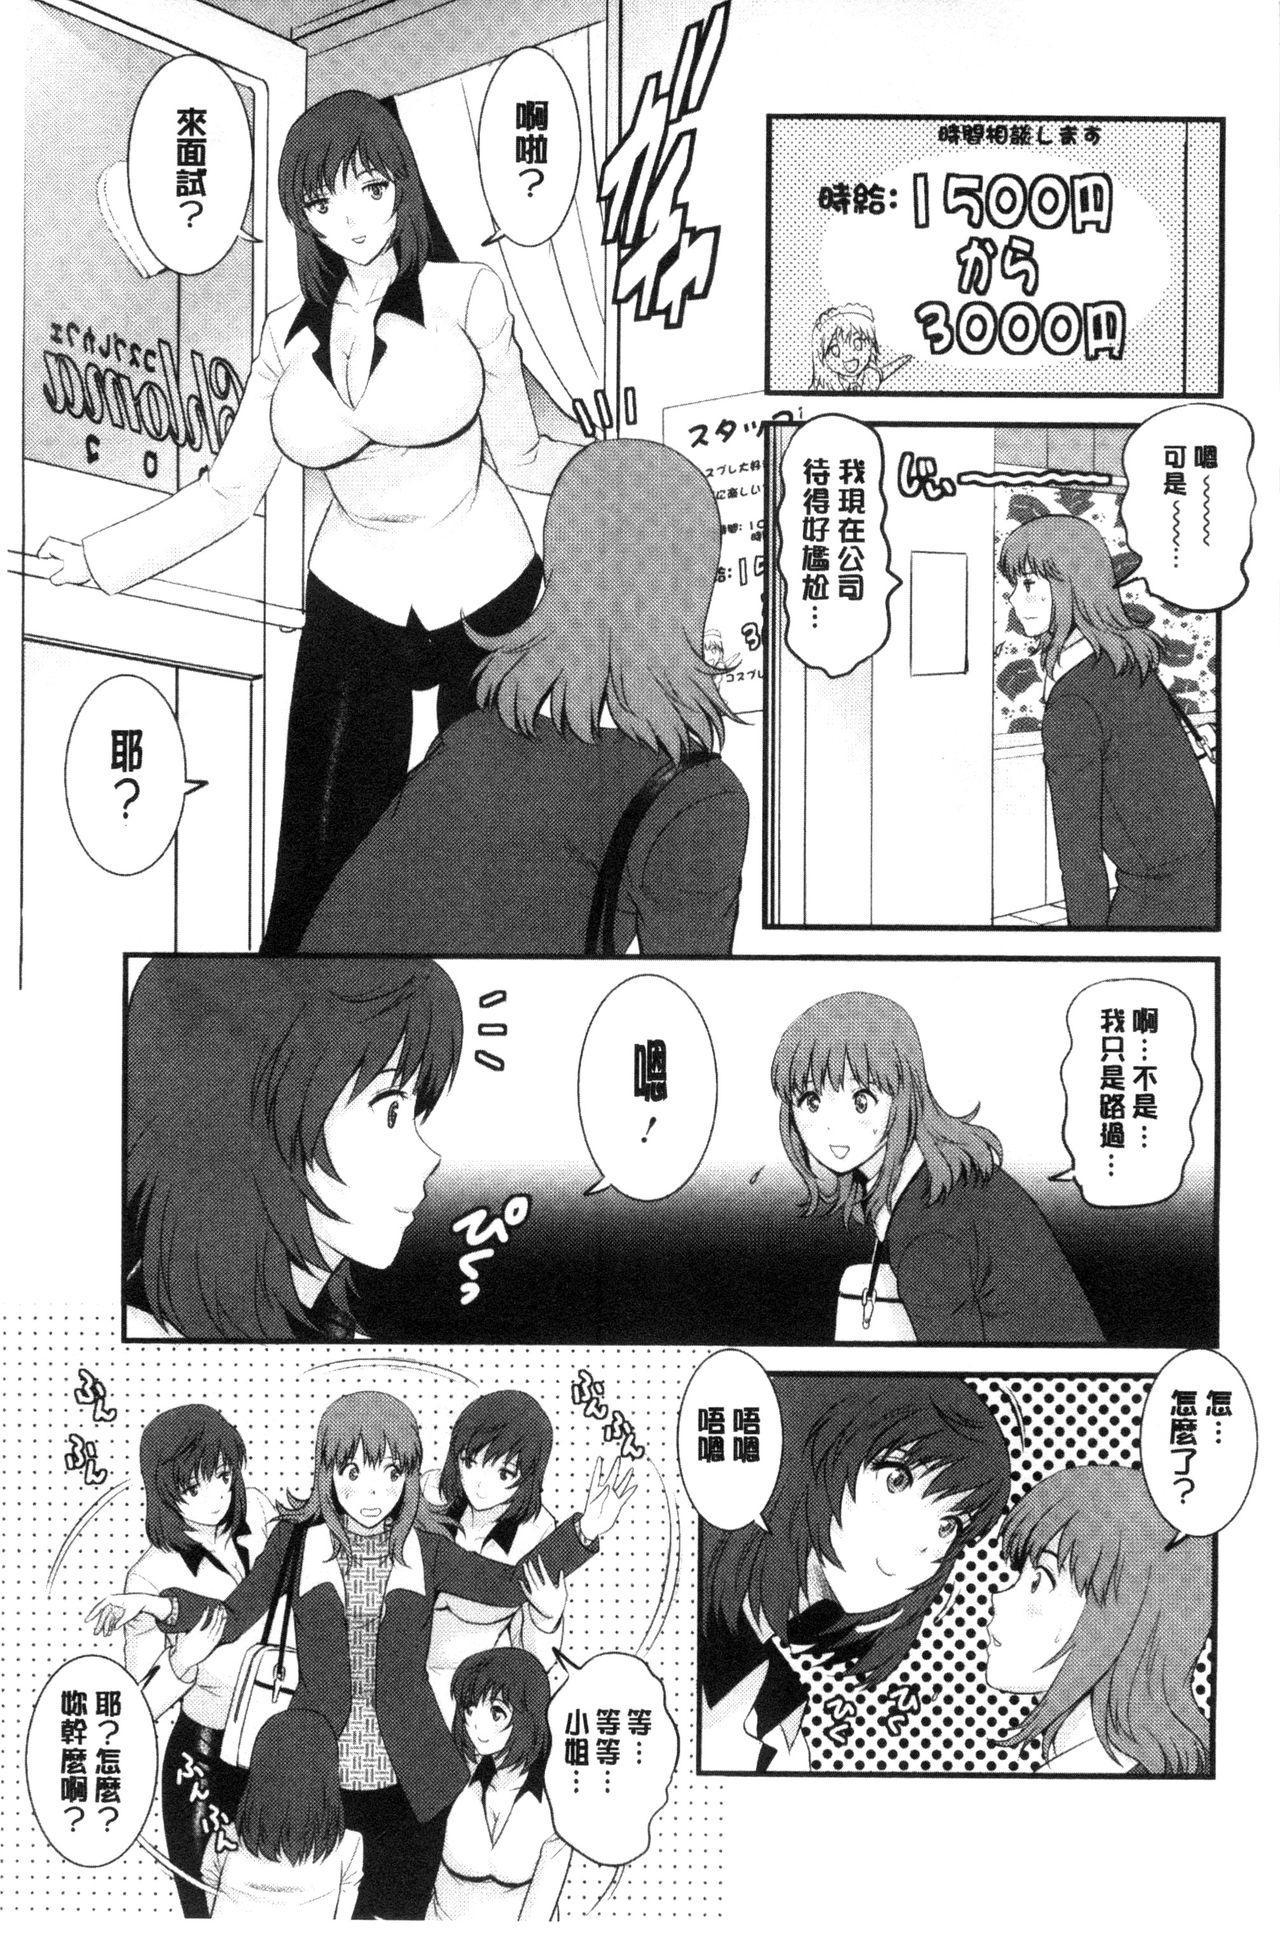 [Saigado] Part Time Manaka-san Wakazuma Enjokousai-ki | 兼職打工的愛花小姐 [Chinese] 7